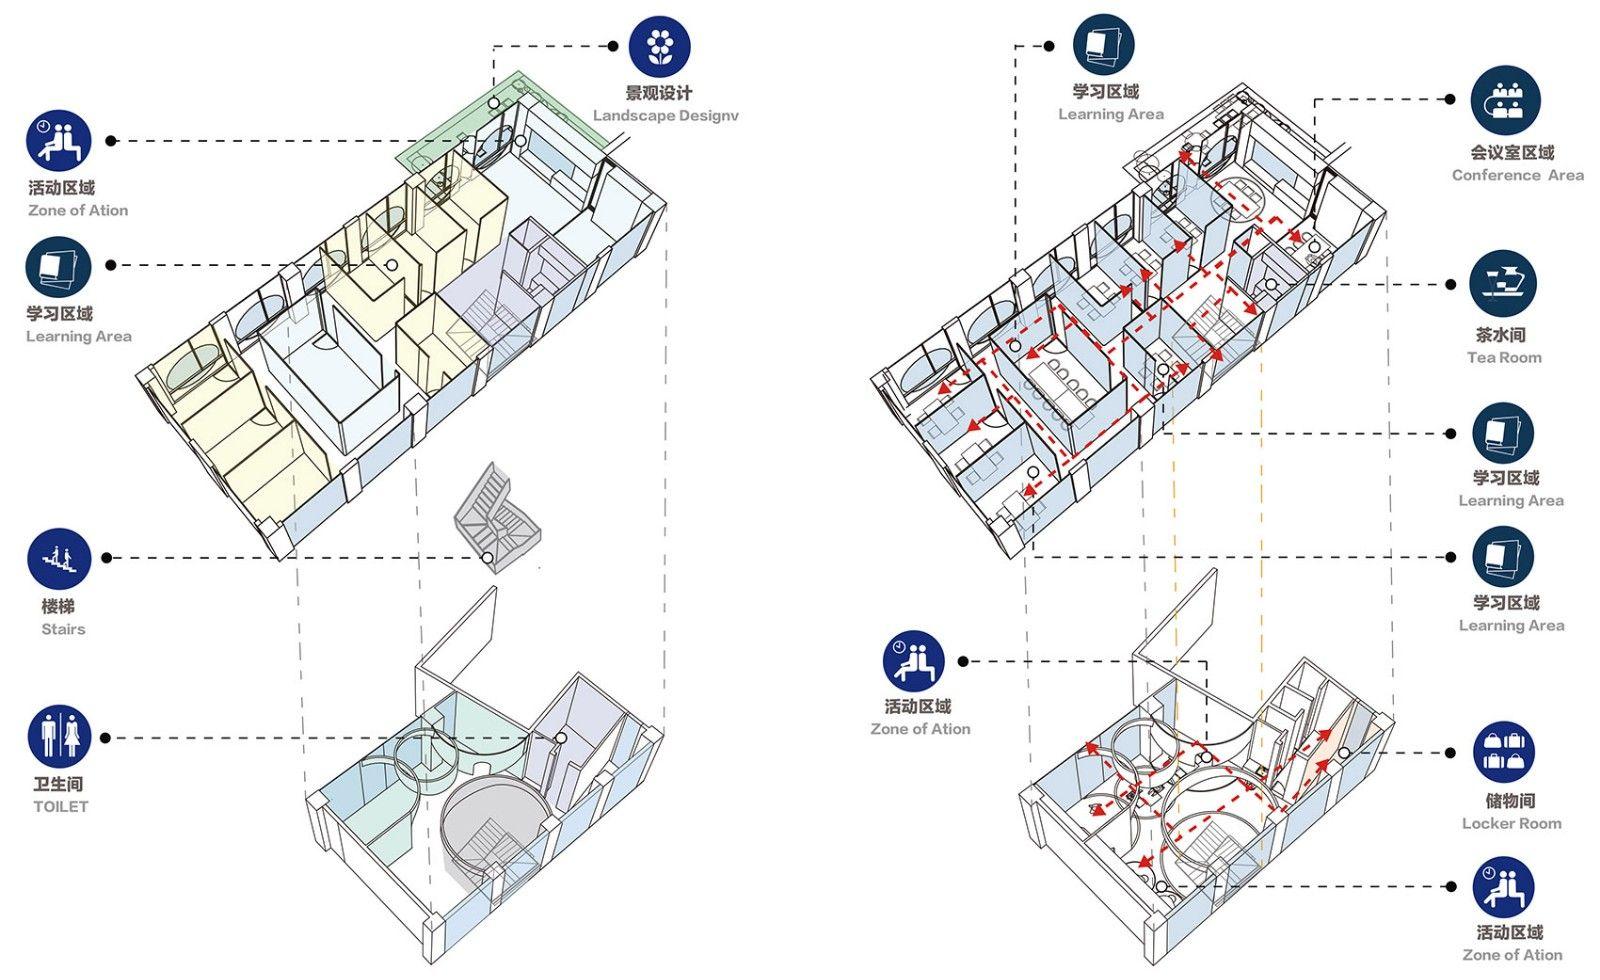 充满趣味的数码学院-上海·码趣学院 | 序态设计研究室